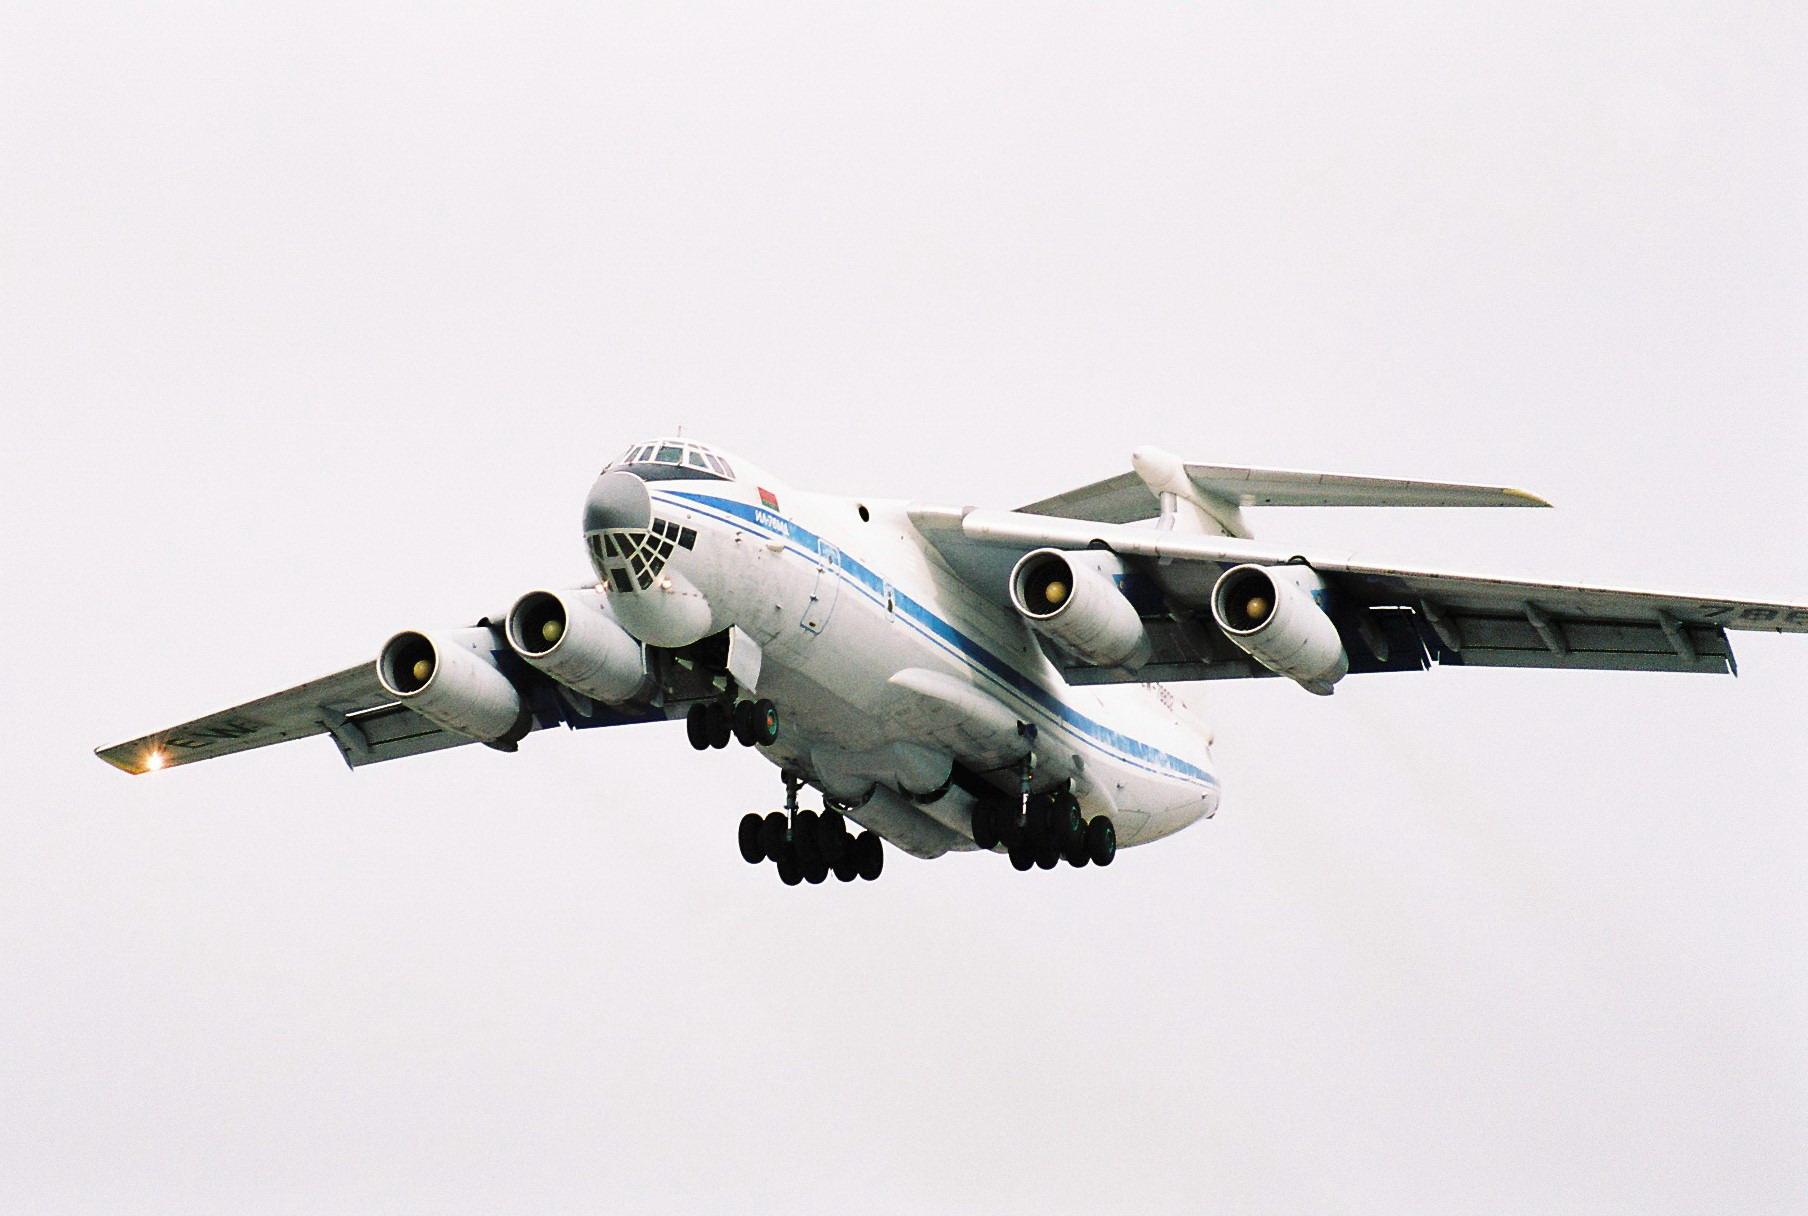 ВИркутской области пропал Ил-76